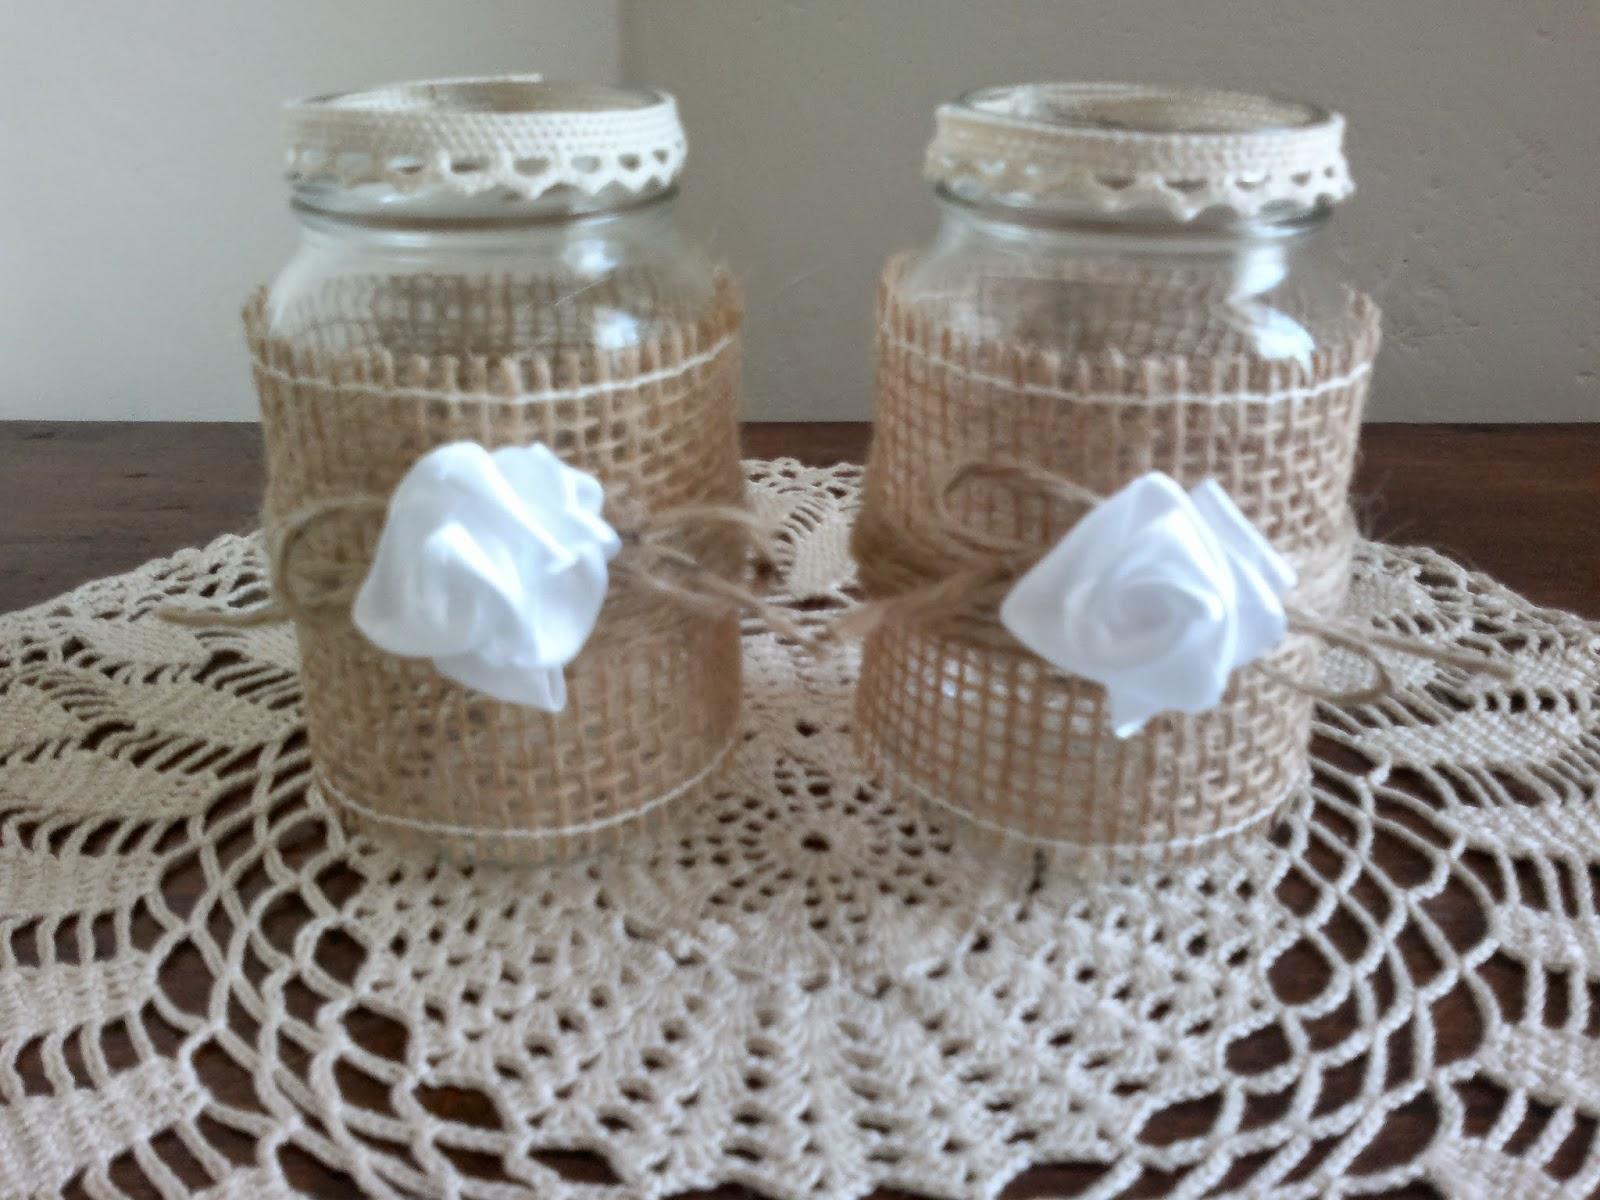 Decorazione Vasetti Vetro.L Angolo Di Flo Vasetti Di Vetro Decorati Glass Jars Decorated